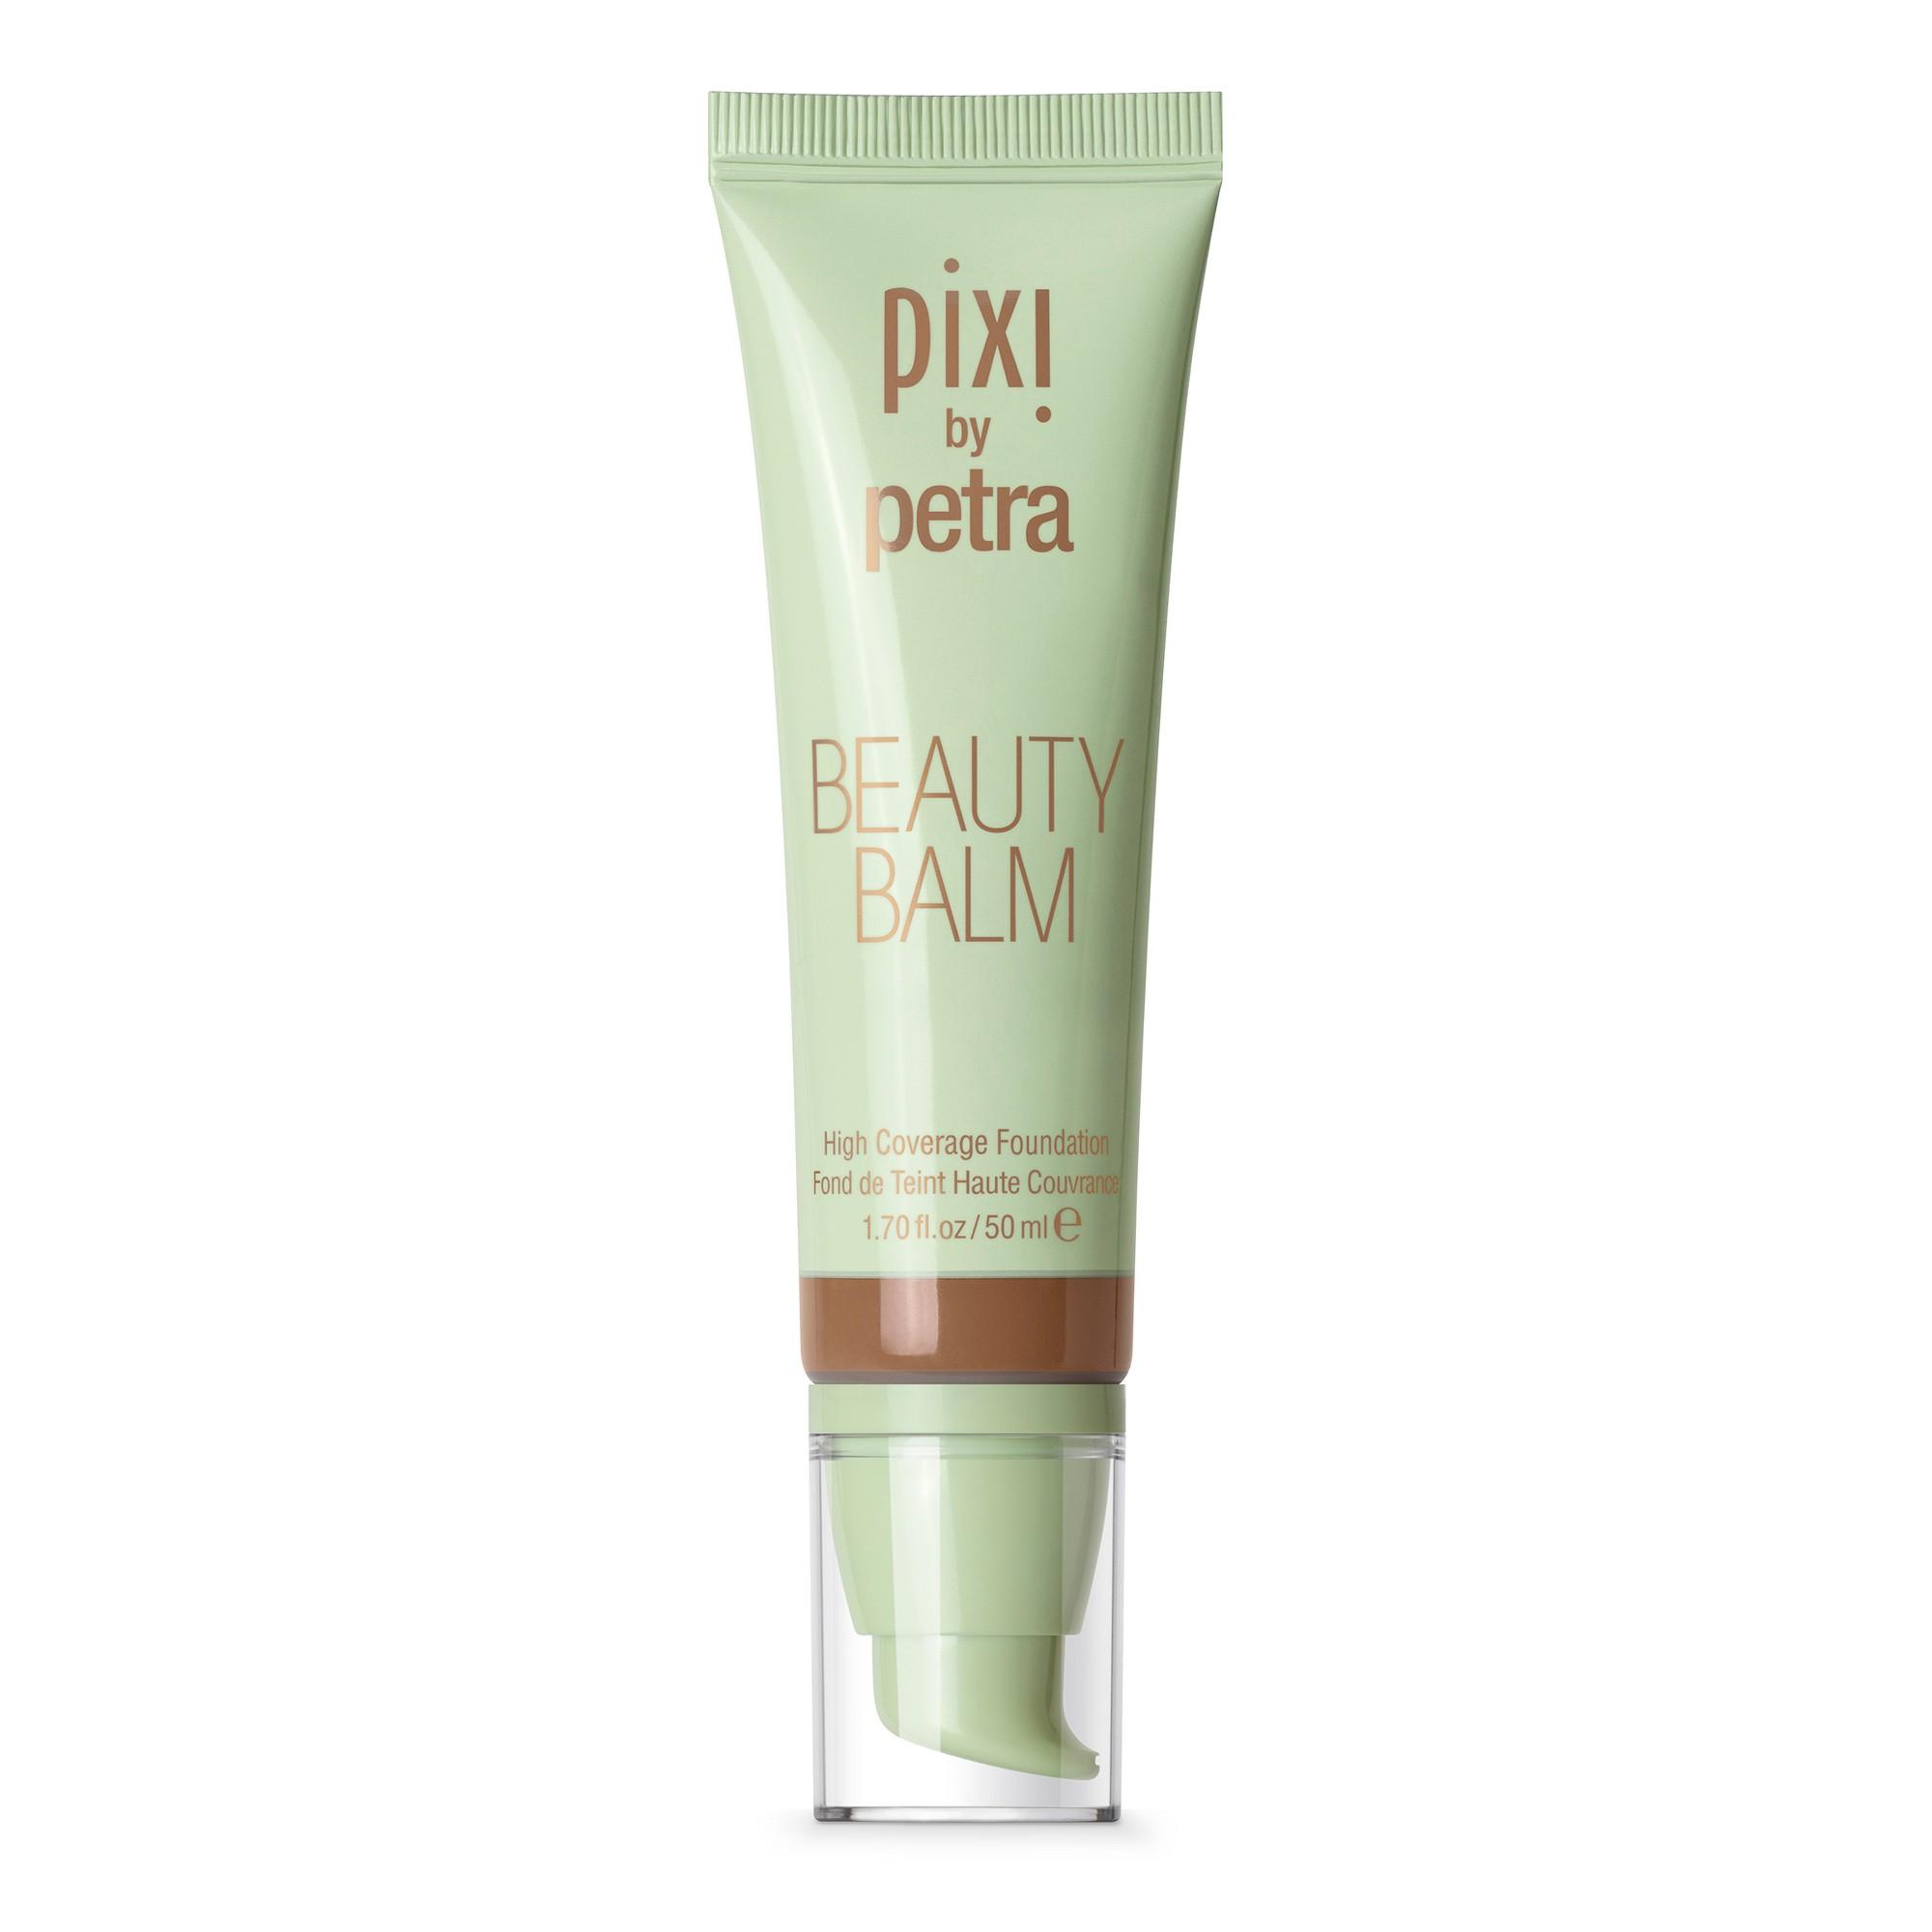 Pixi by Petra Beauty Balm Mocha (Brown) - 1.7 fl oz